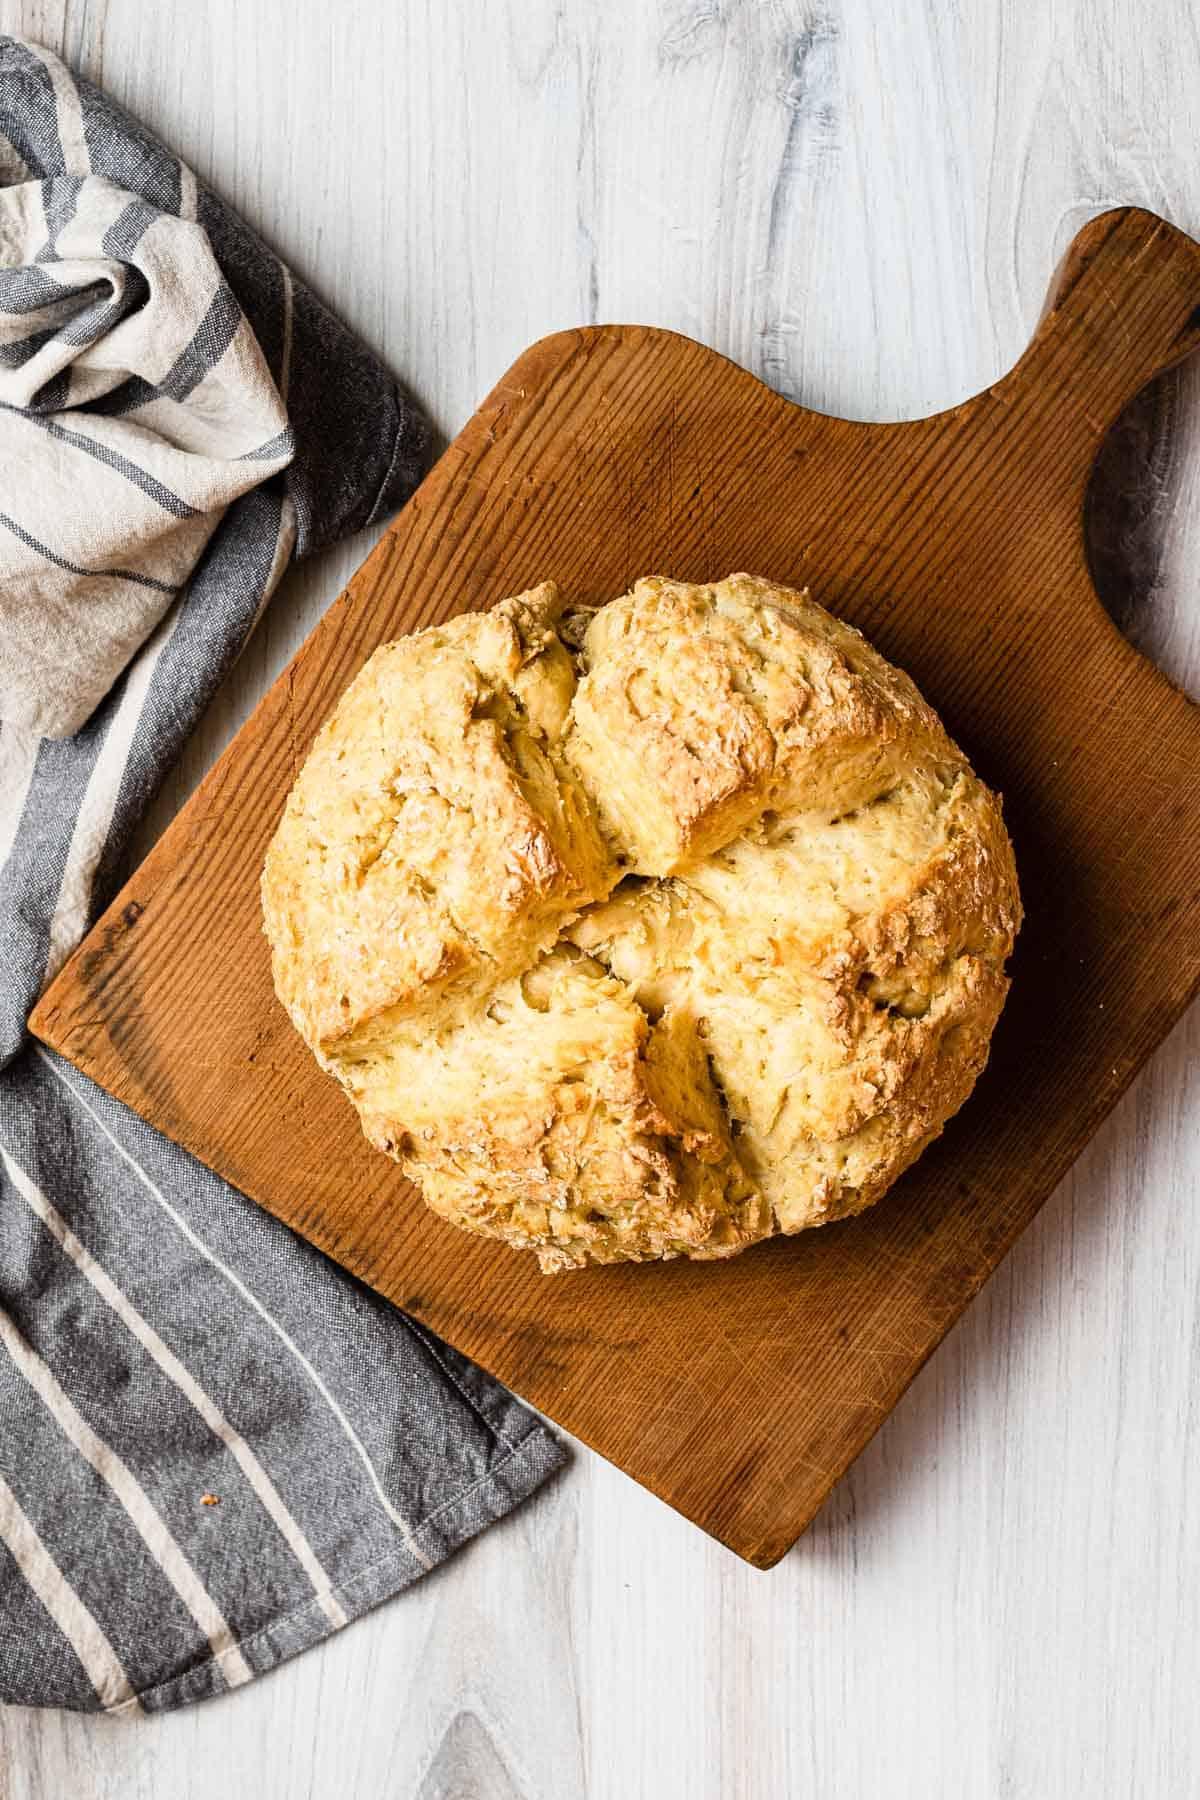 loaf of irish soda bread on a wooden cutting board